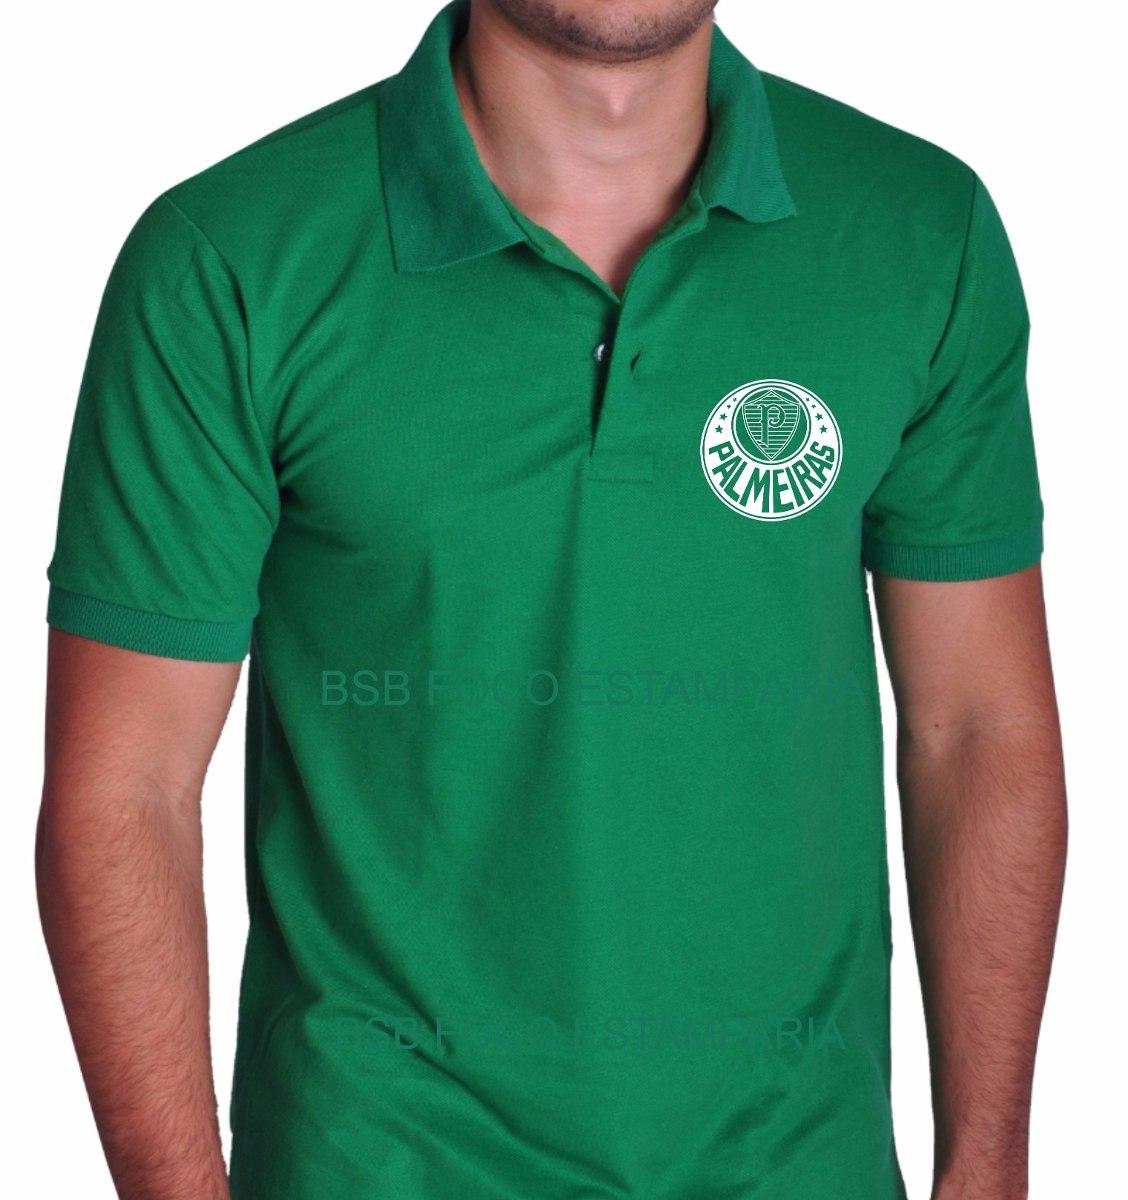 60c4cf783f775 camiseta polo verde com o símbolo do palmeiras. Carregando zoom.